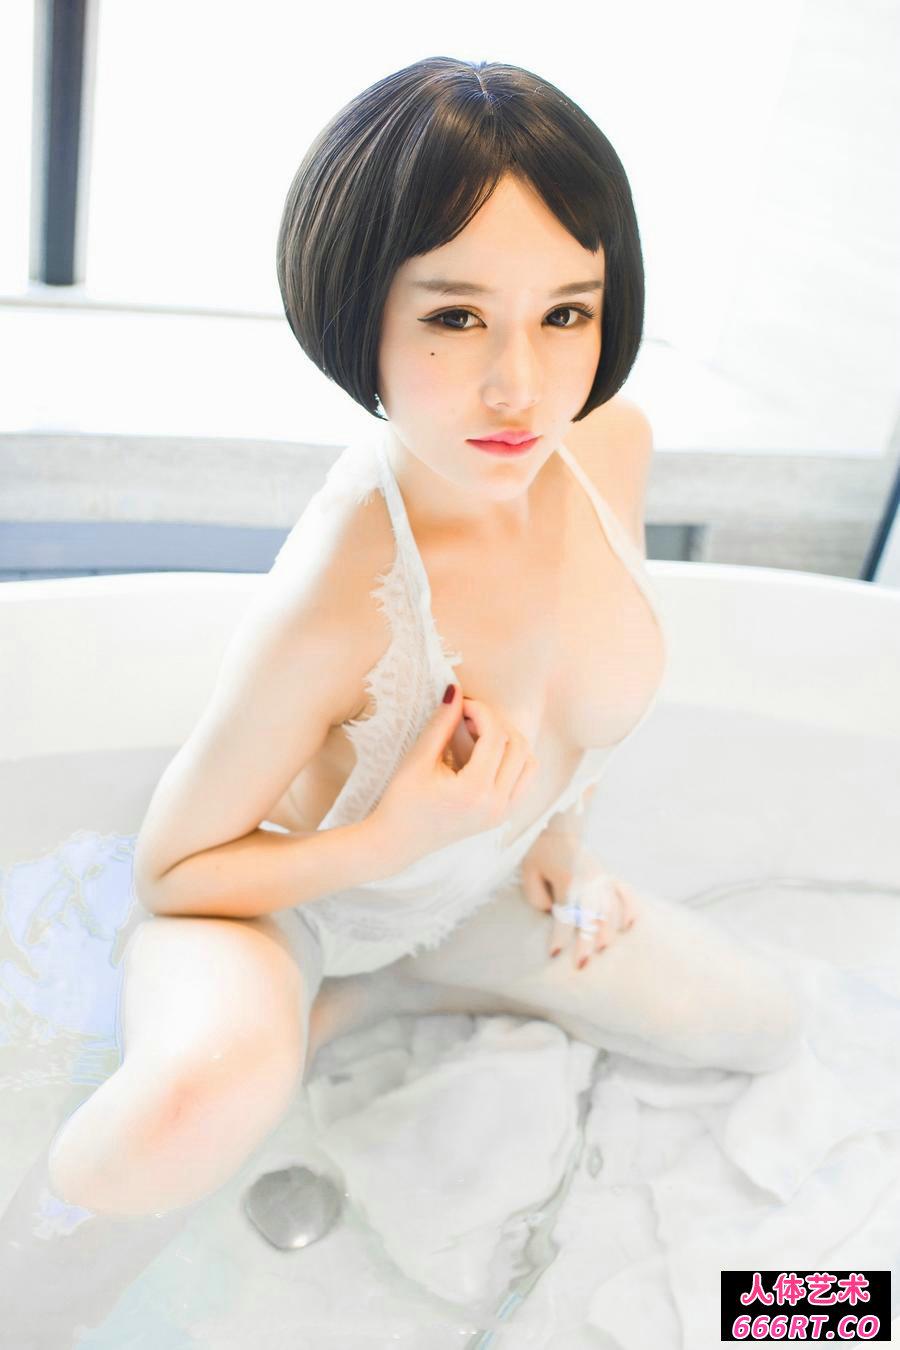 丰腴白皙的佑熙绝色销魂沐浴照